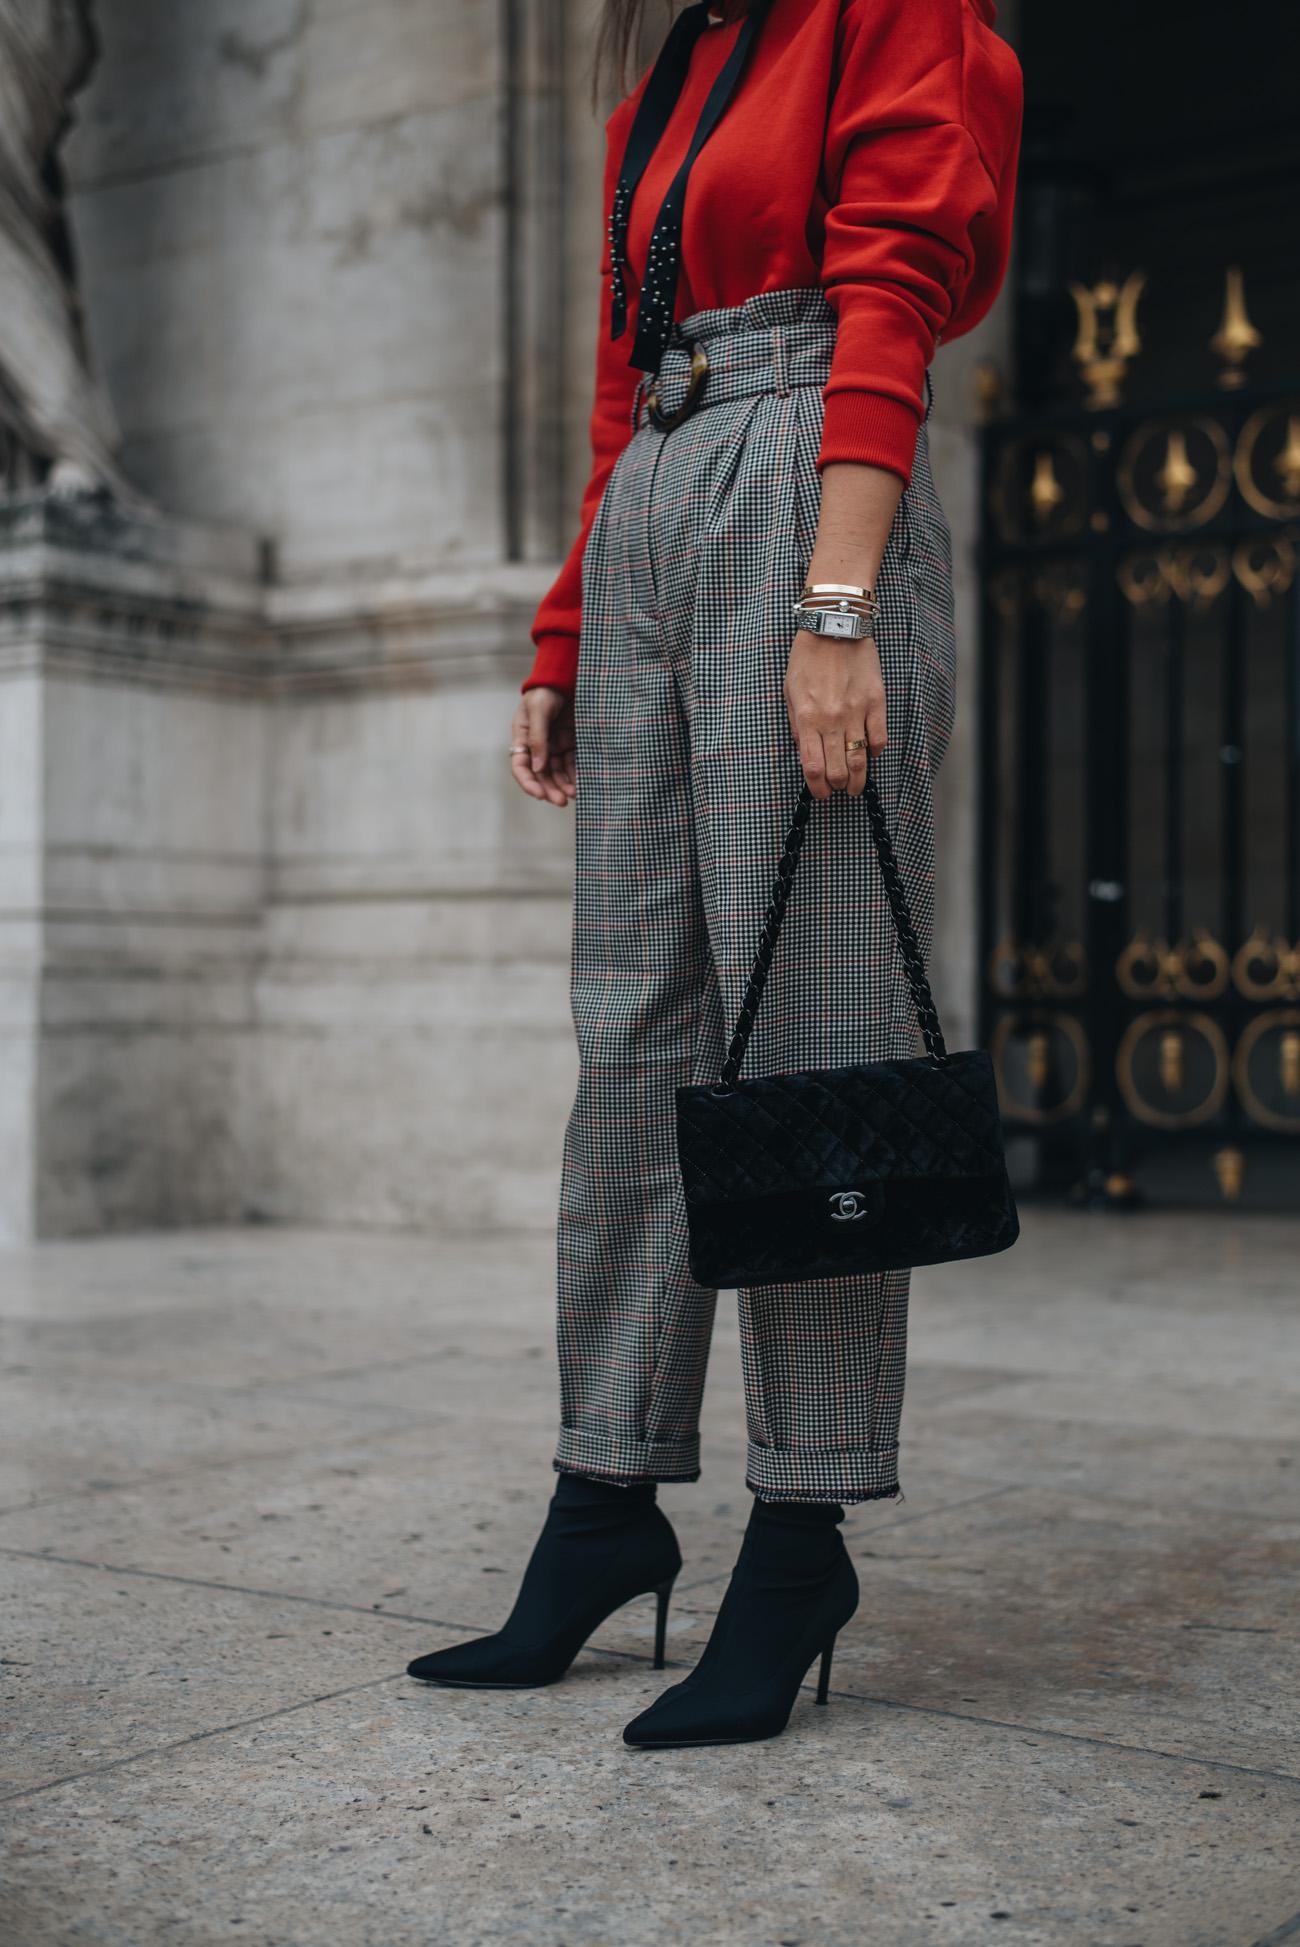 Chanel-Timeless-Handtasche-schwarz-samt-material-dunkle-hardware-taschen-klassiker-gebaucht-second-hand-gekauft-fashiioncarpet-fashiioncarpet